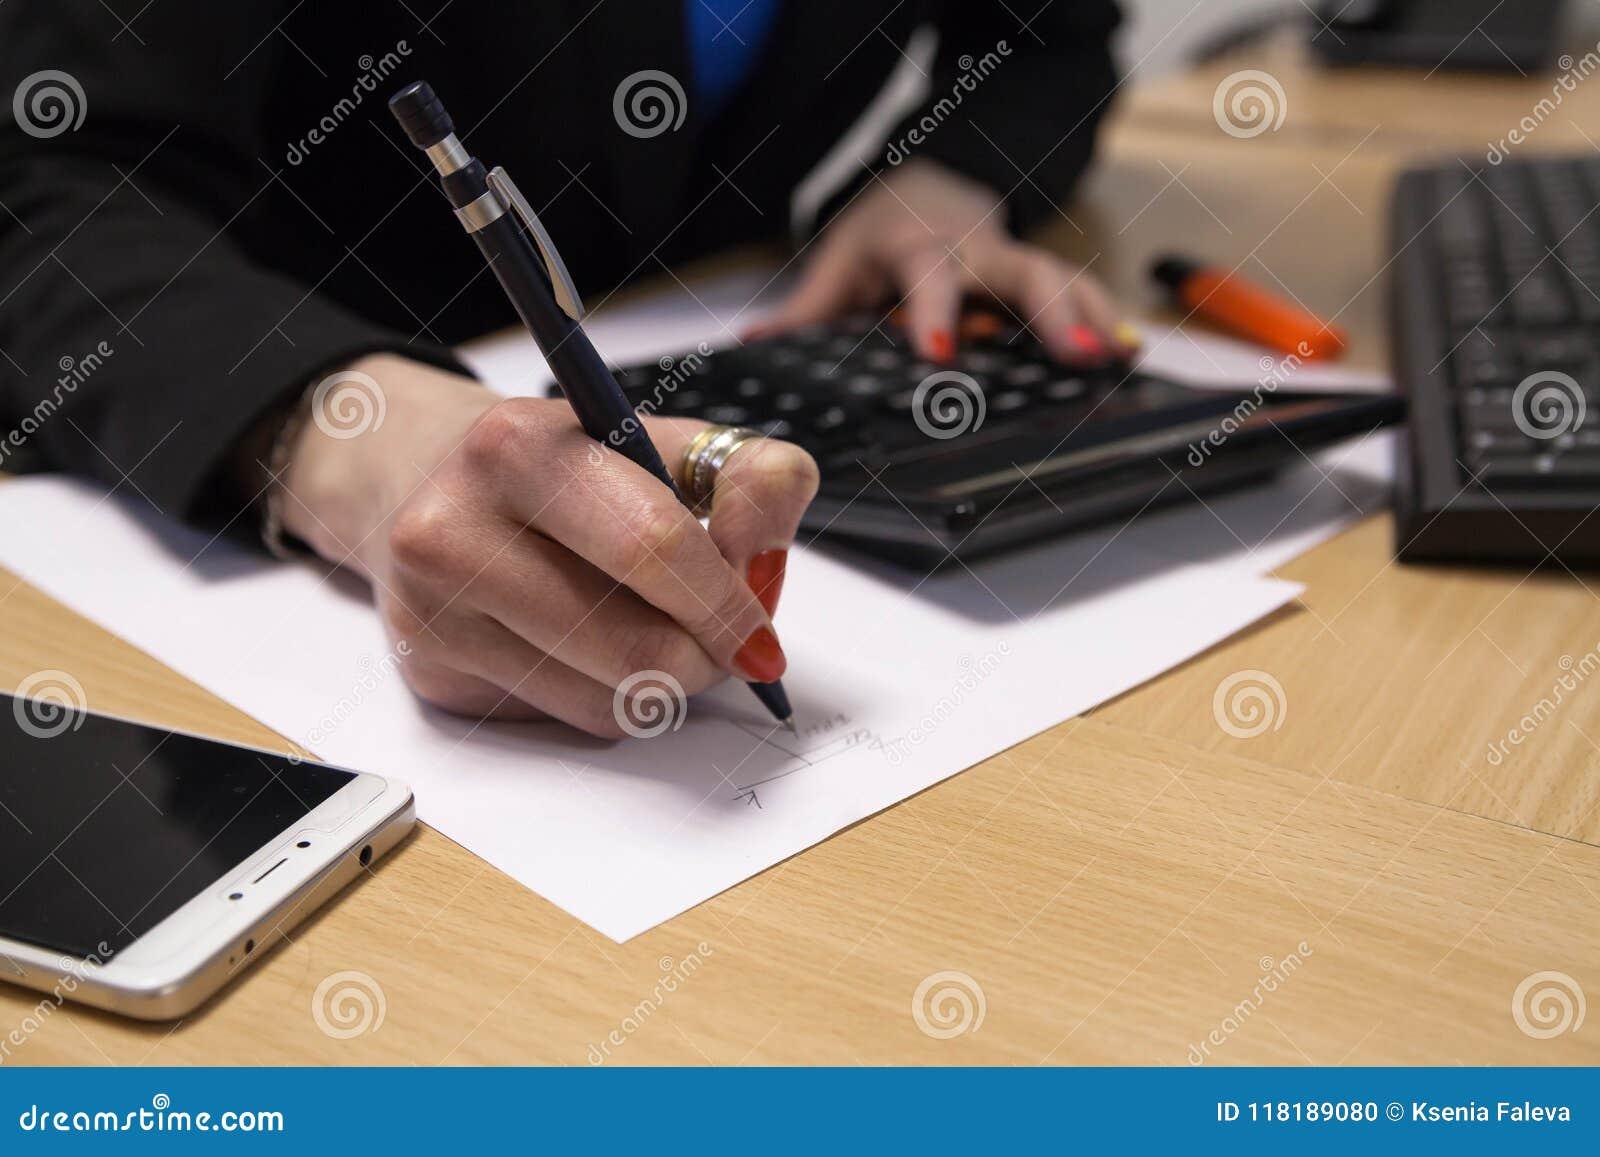 Конец-вверх, дама дела, писать на куске бумаги, сидит на ее столе